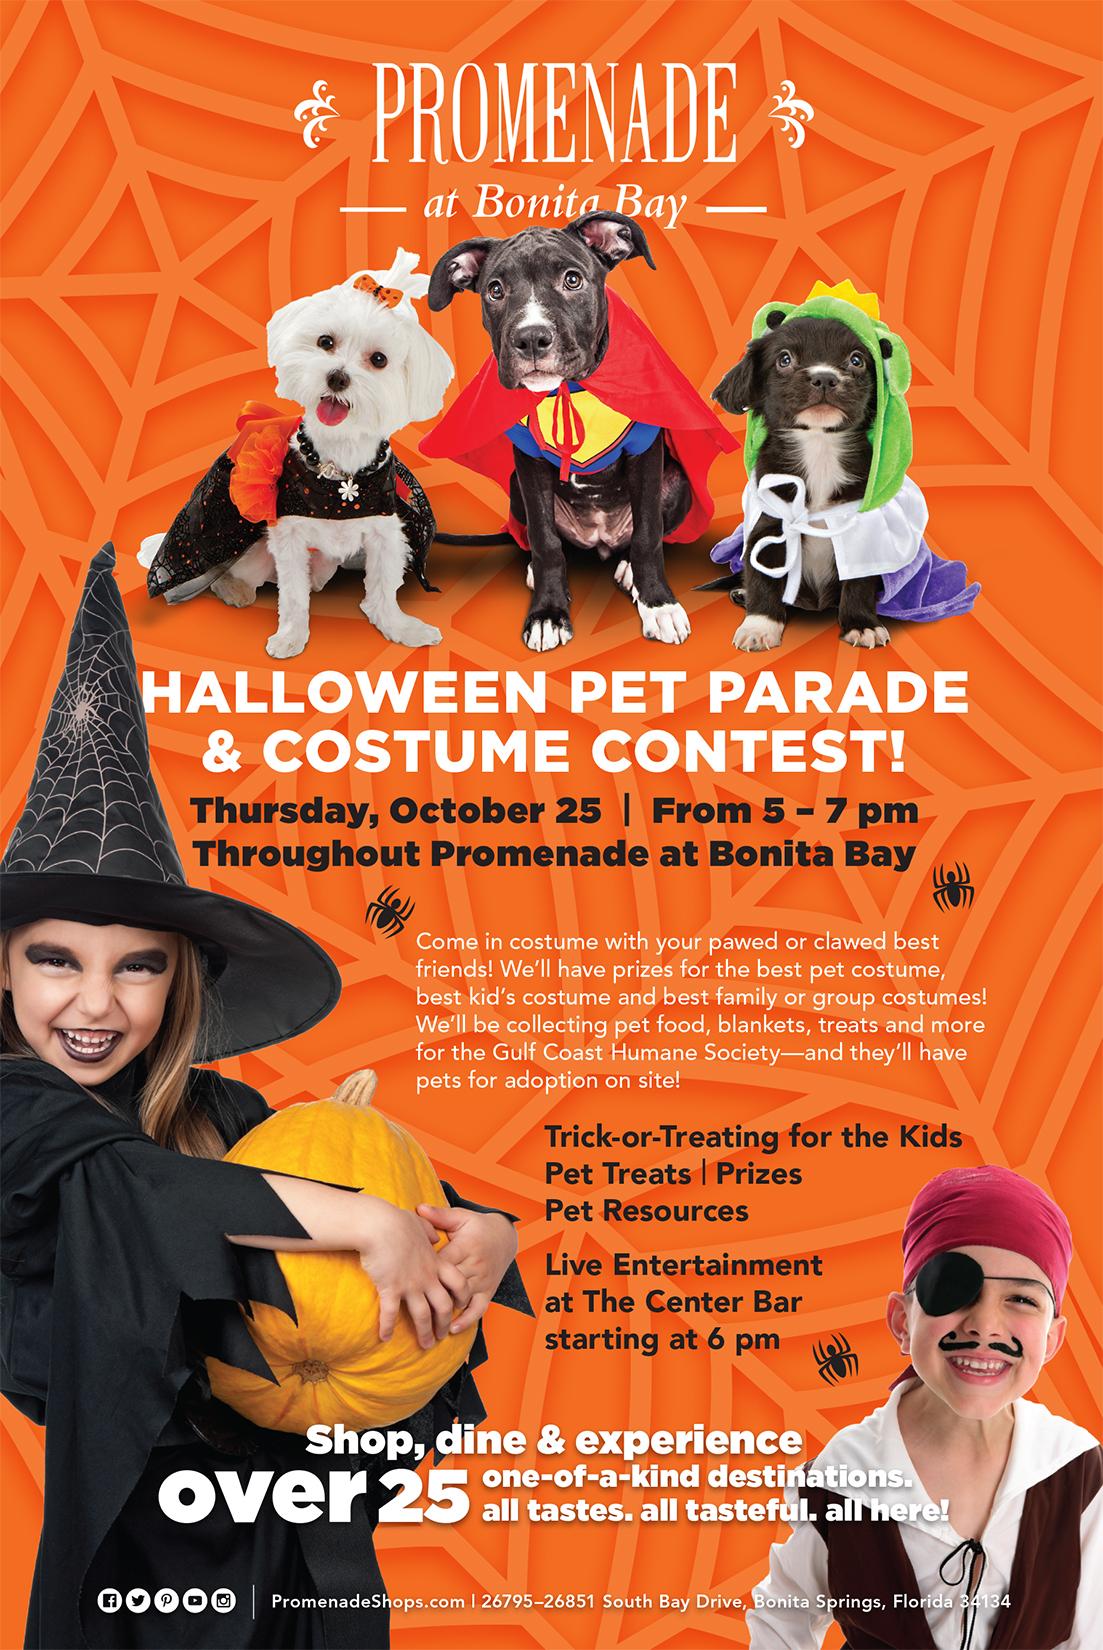 Promenade Pet Parade & Costume Contest